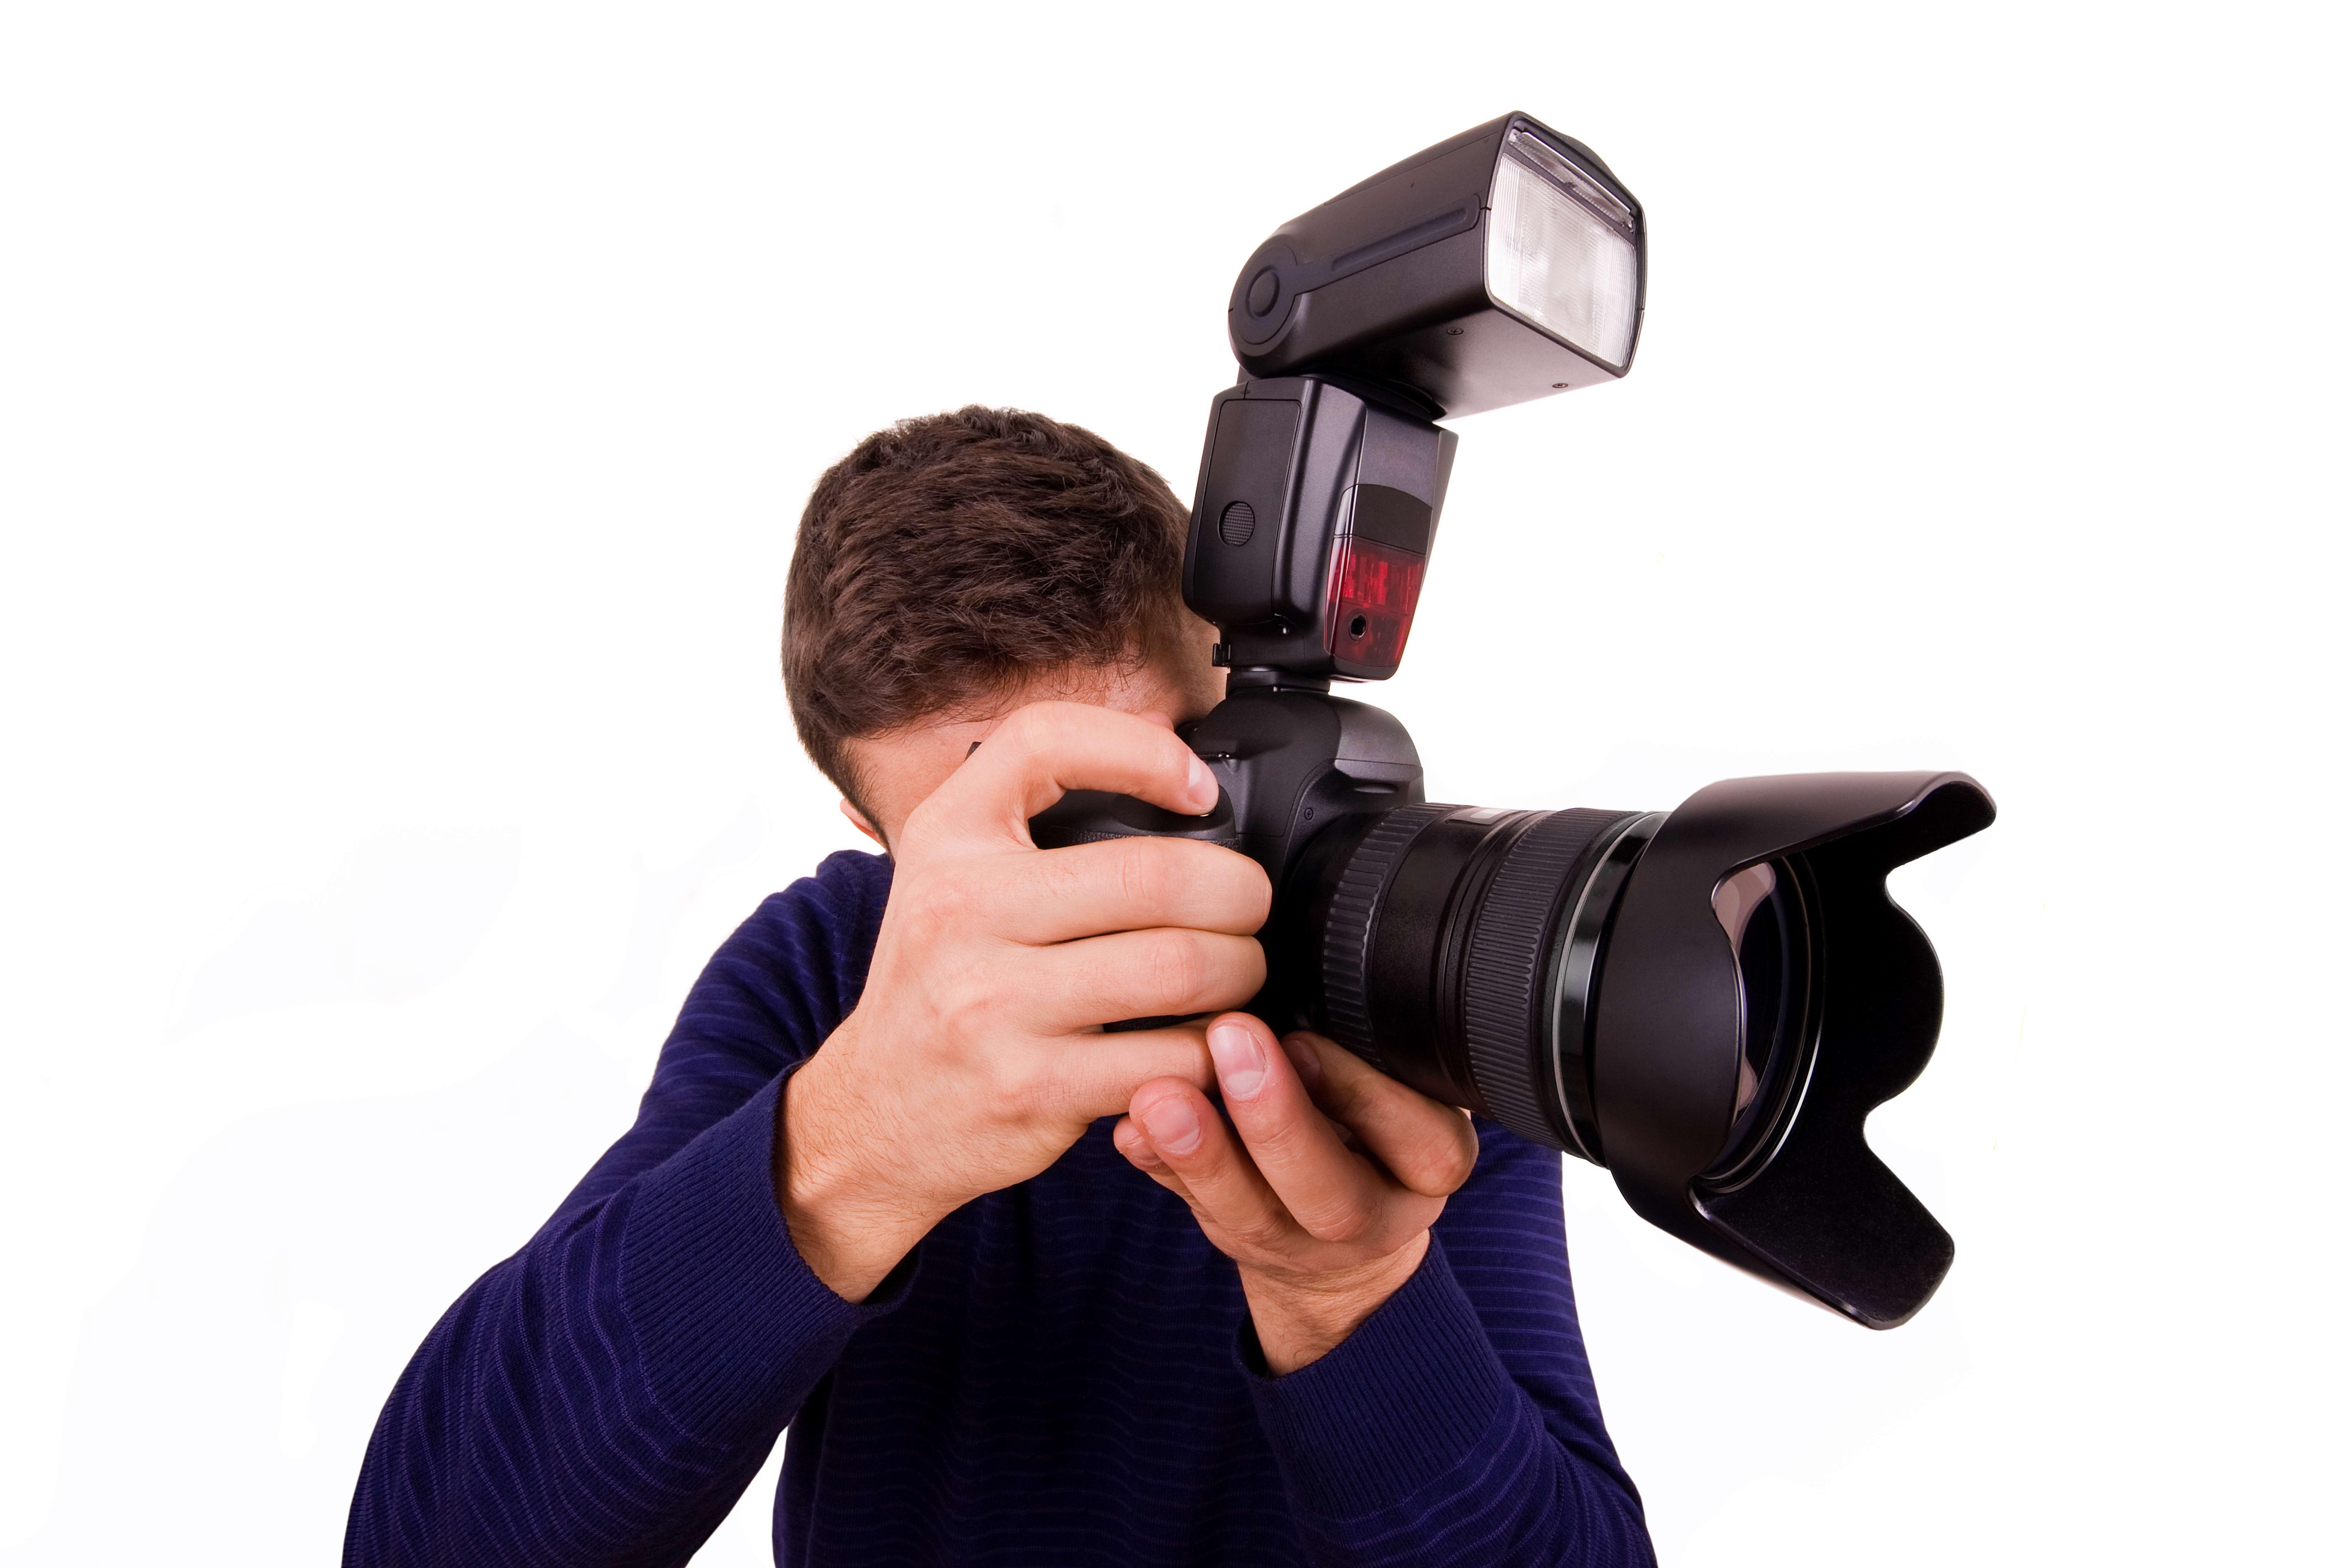 عکاسی با دوربین حرفه ای گنجینه تصاویر تبيان -موسسه فرهنگی و اطلاع رسانی تبیان